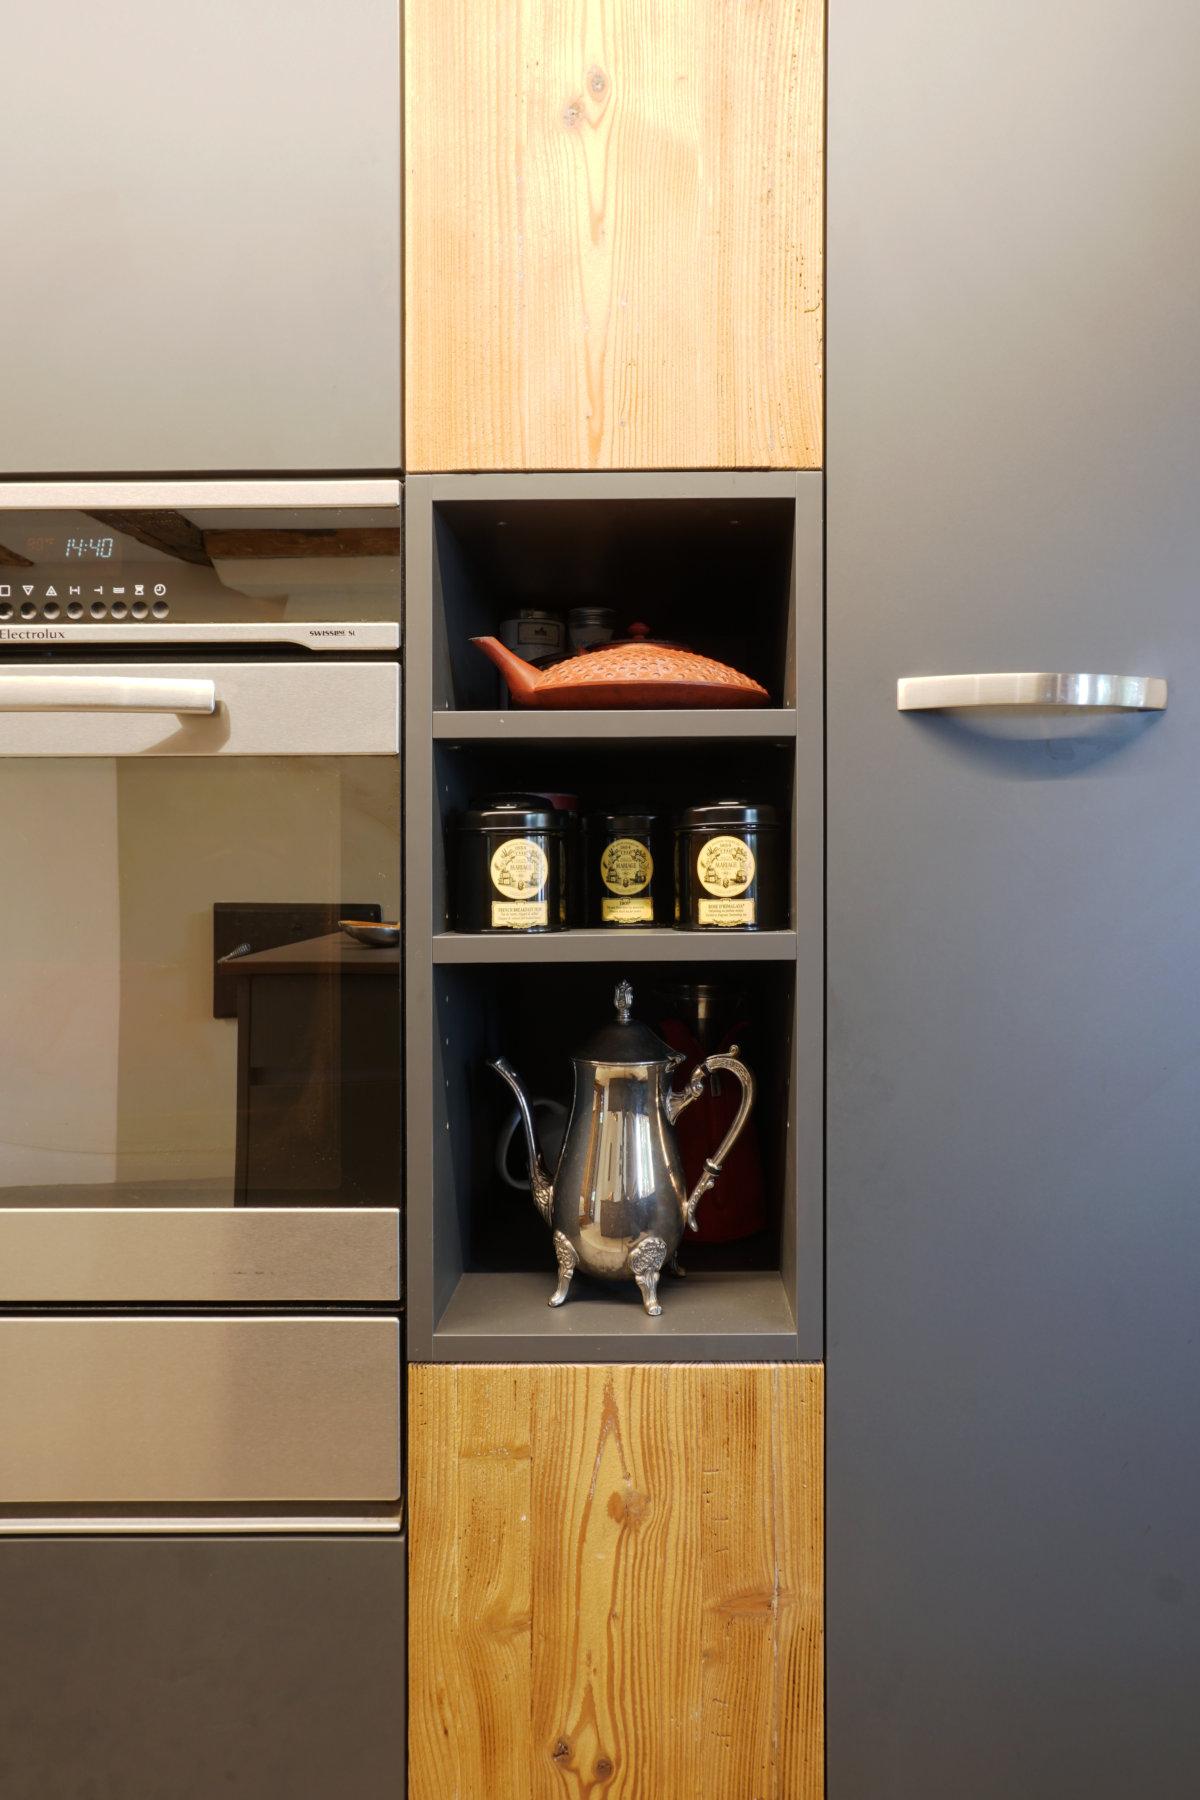 Zwischen Ofen und Kühlschrank gibt es Platz für eine kleine Nische.